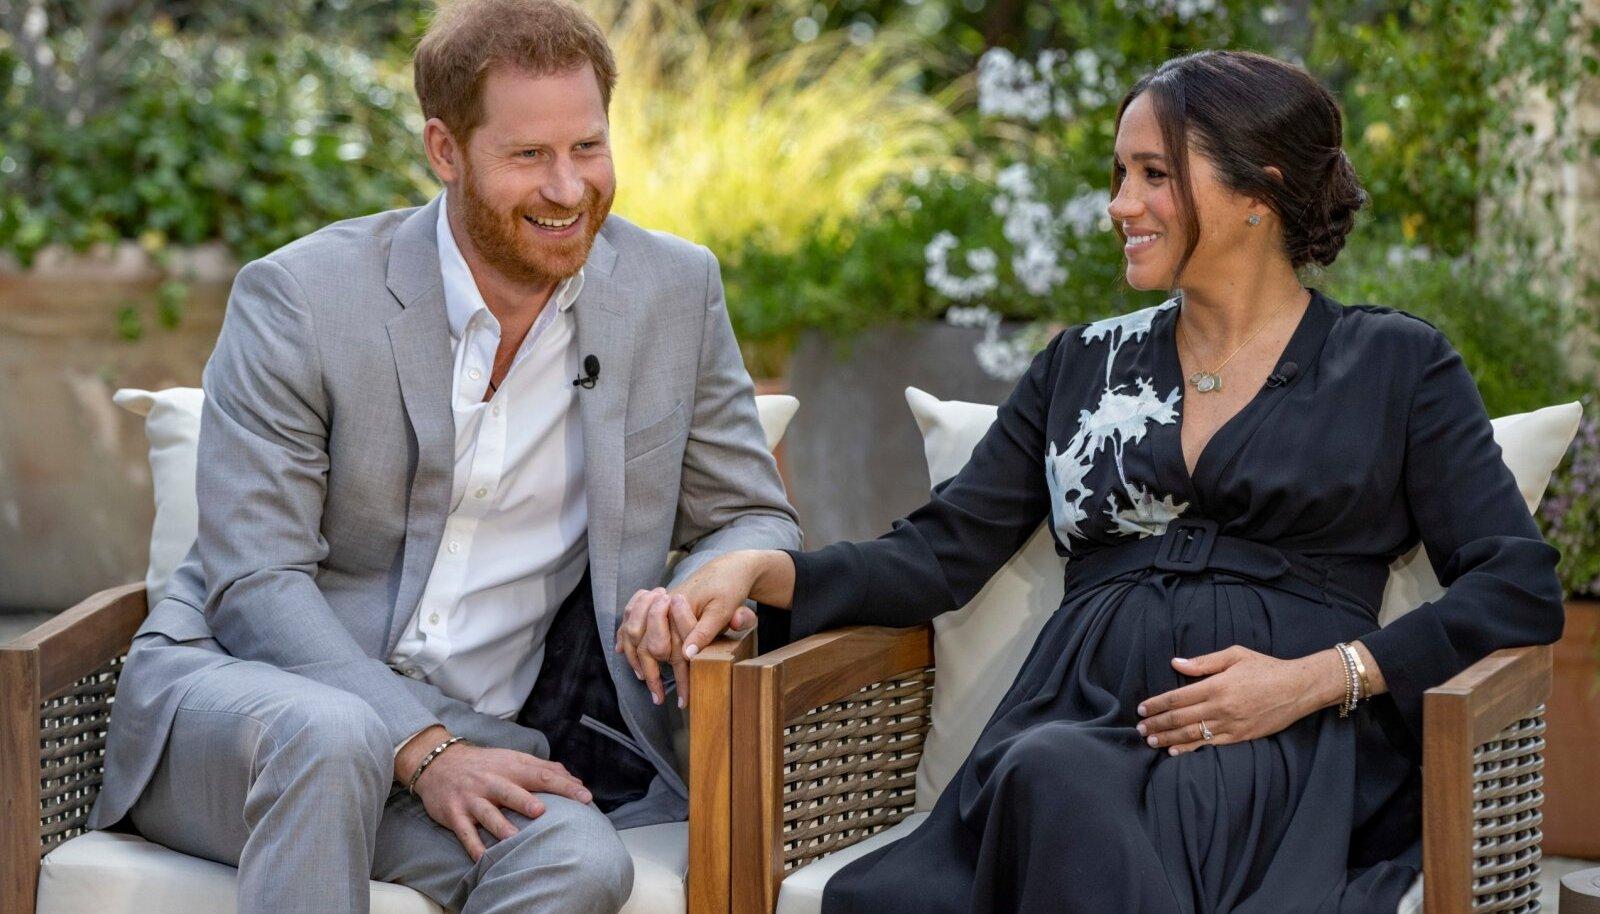 Oprah' intervjuus oli ka helgeid hetki. Näiteks teatas Harry rõõmust särades, et väike Archie saab endale õe, sest Meghan ootab tüdrukut.